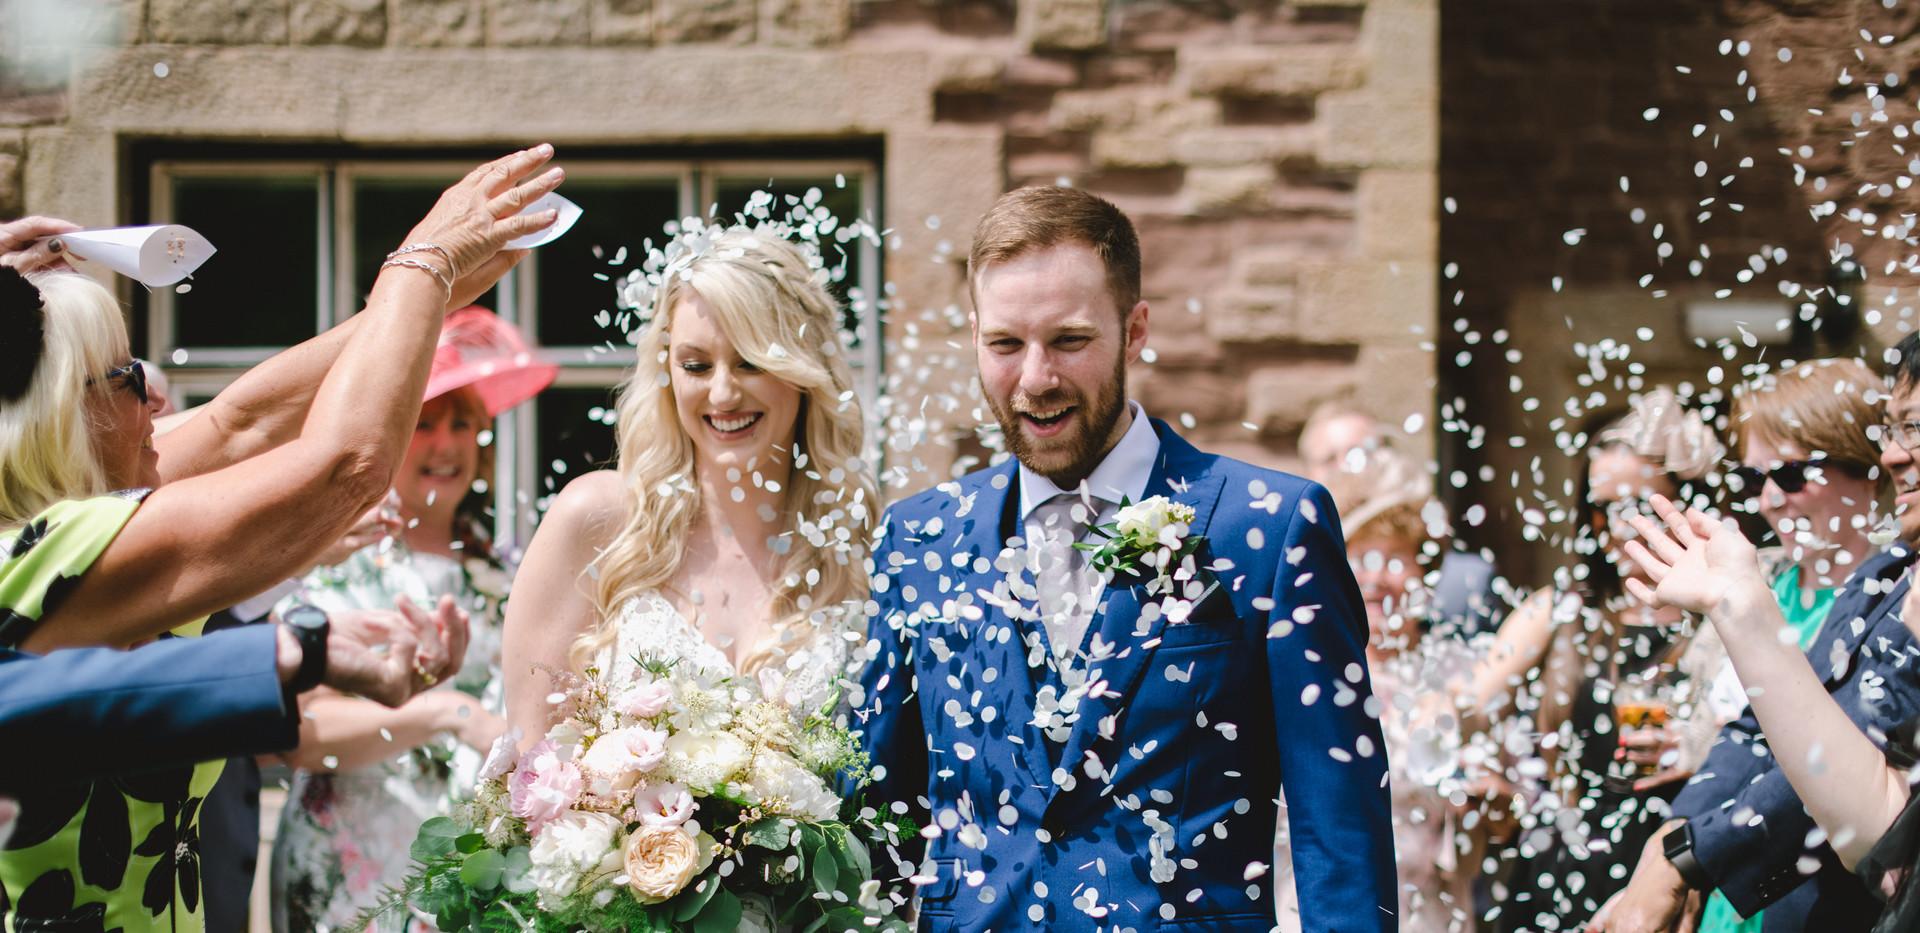 Leafy Caer llan wedding